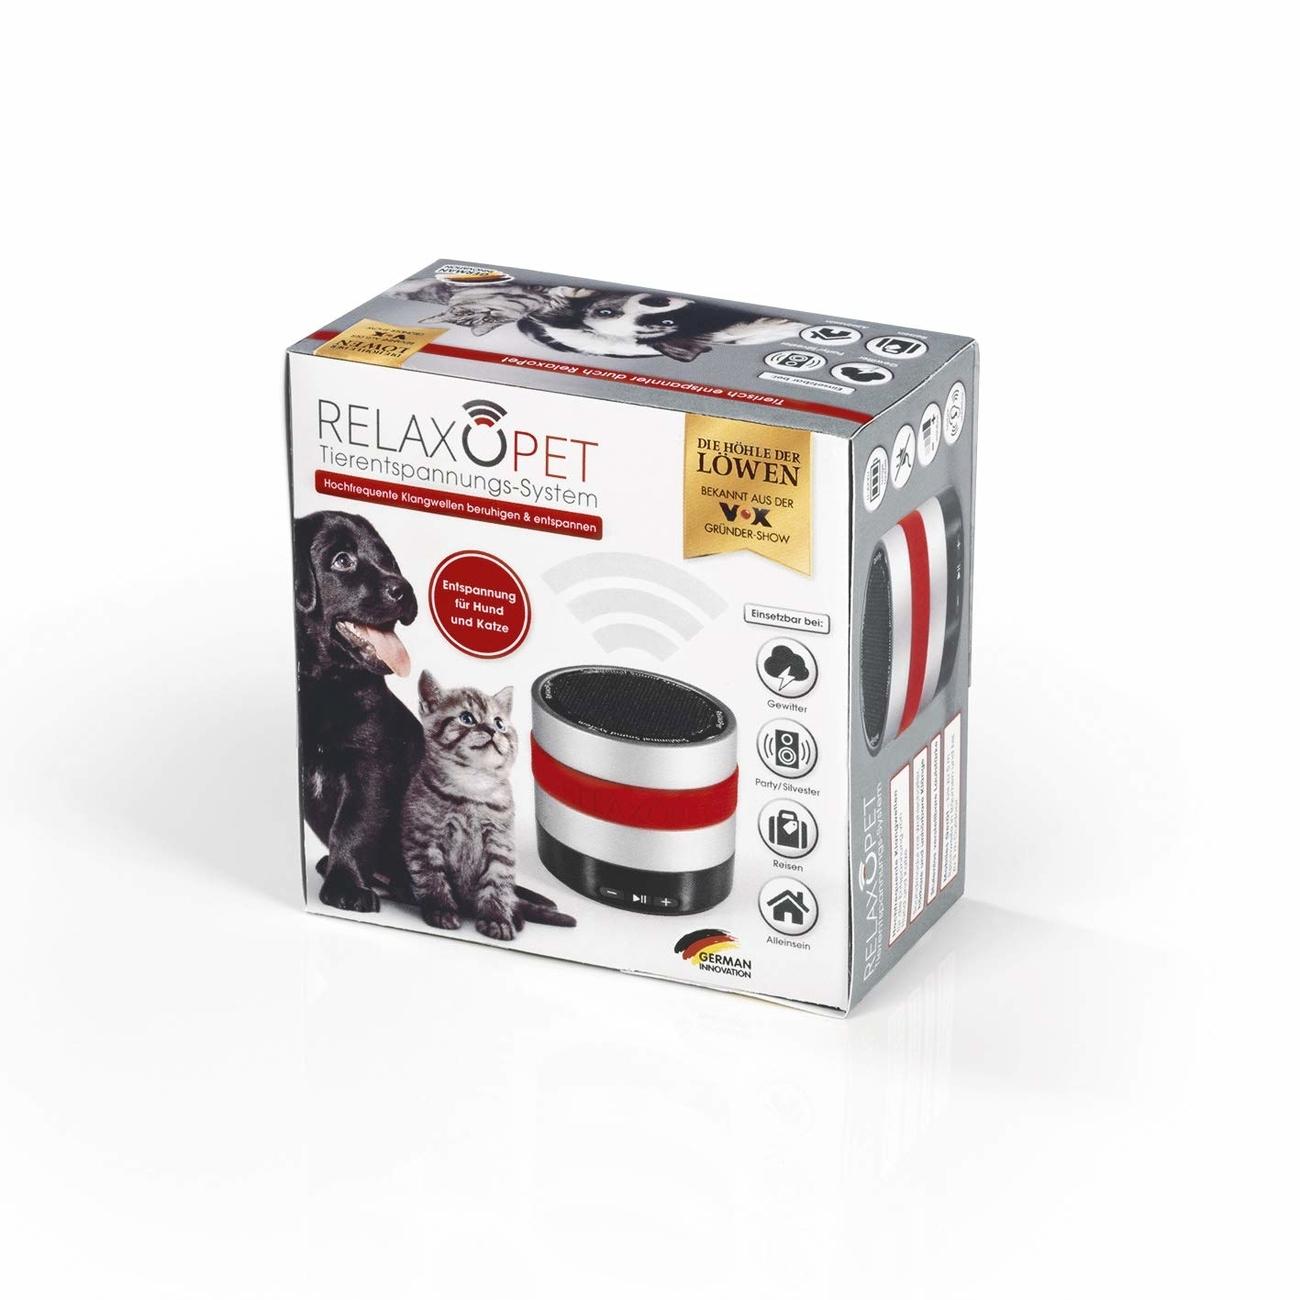 RelaxoPet Cat&Dog Tierentspannungssystem, Bild 3